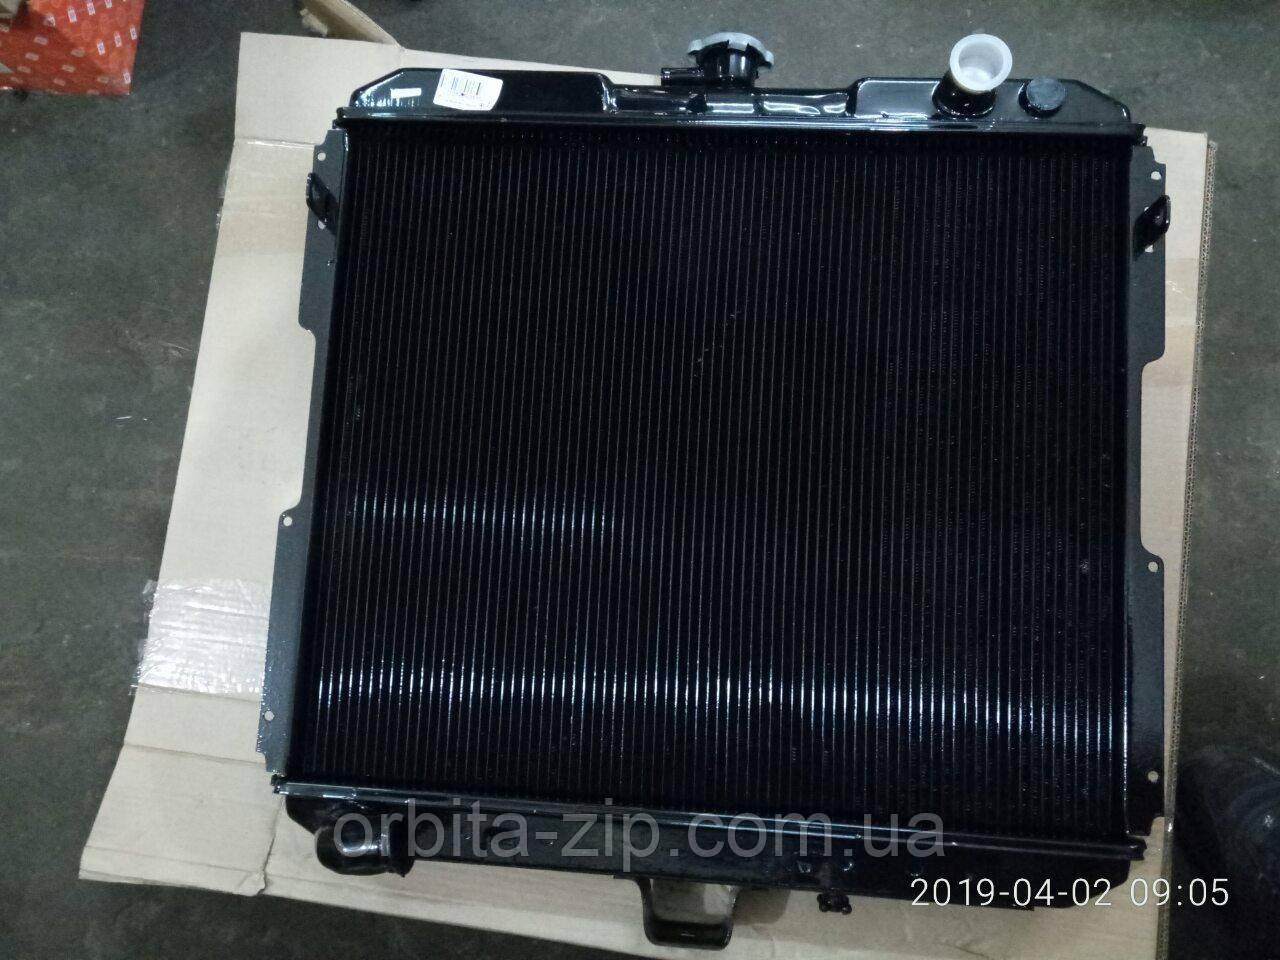 33104-1301010-30 Радиатор водяного охлаждения ГАЗ 33104 ВАЛДАЙ (2-х рядный) (пр-во г.Оренбург)